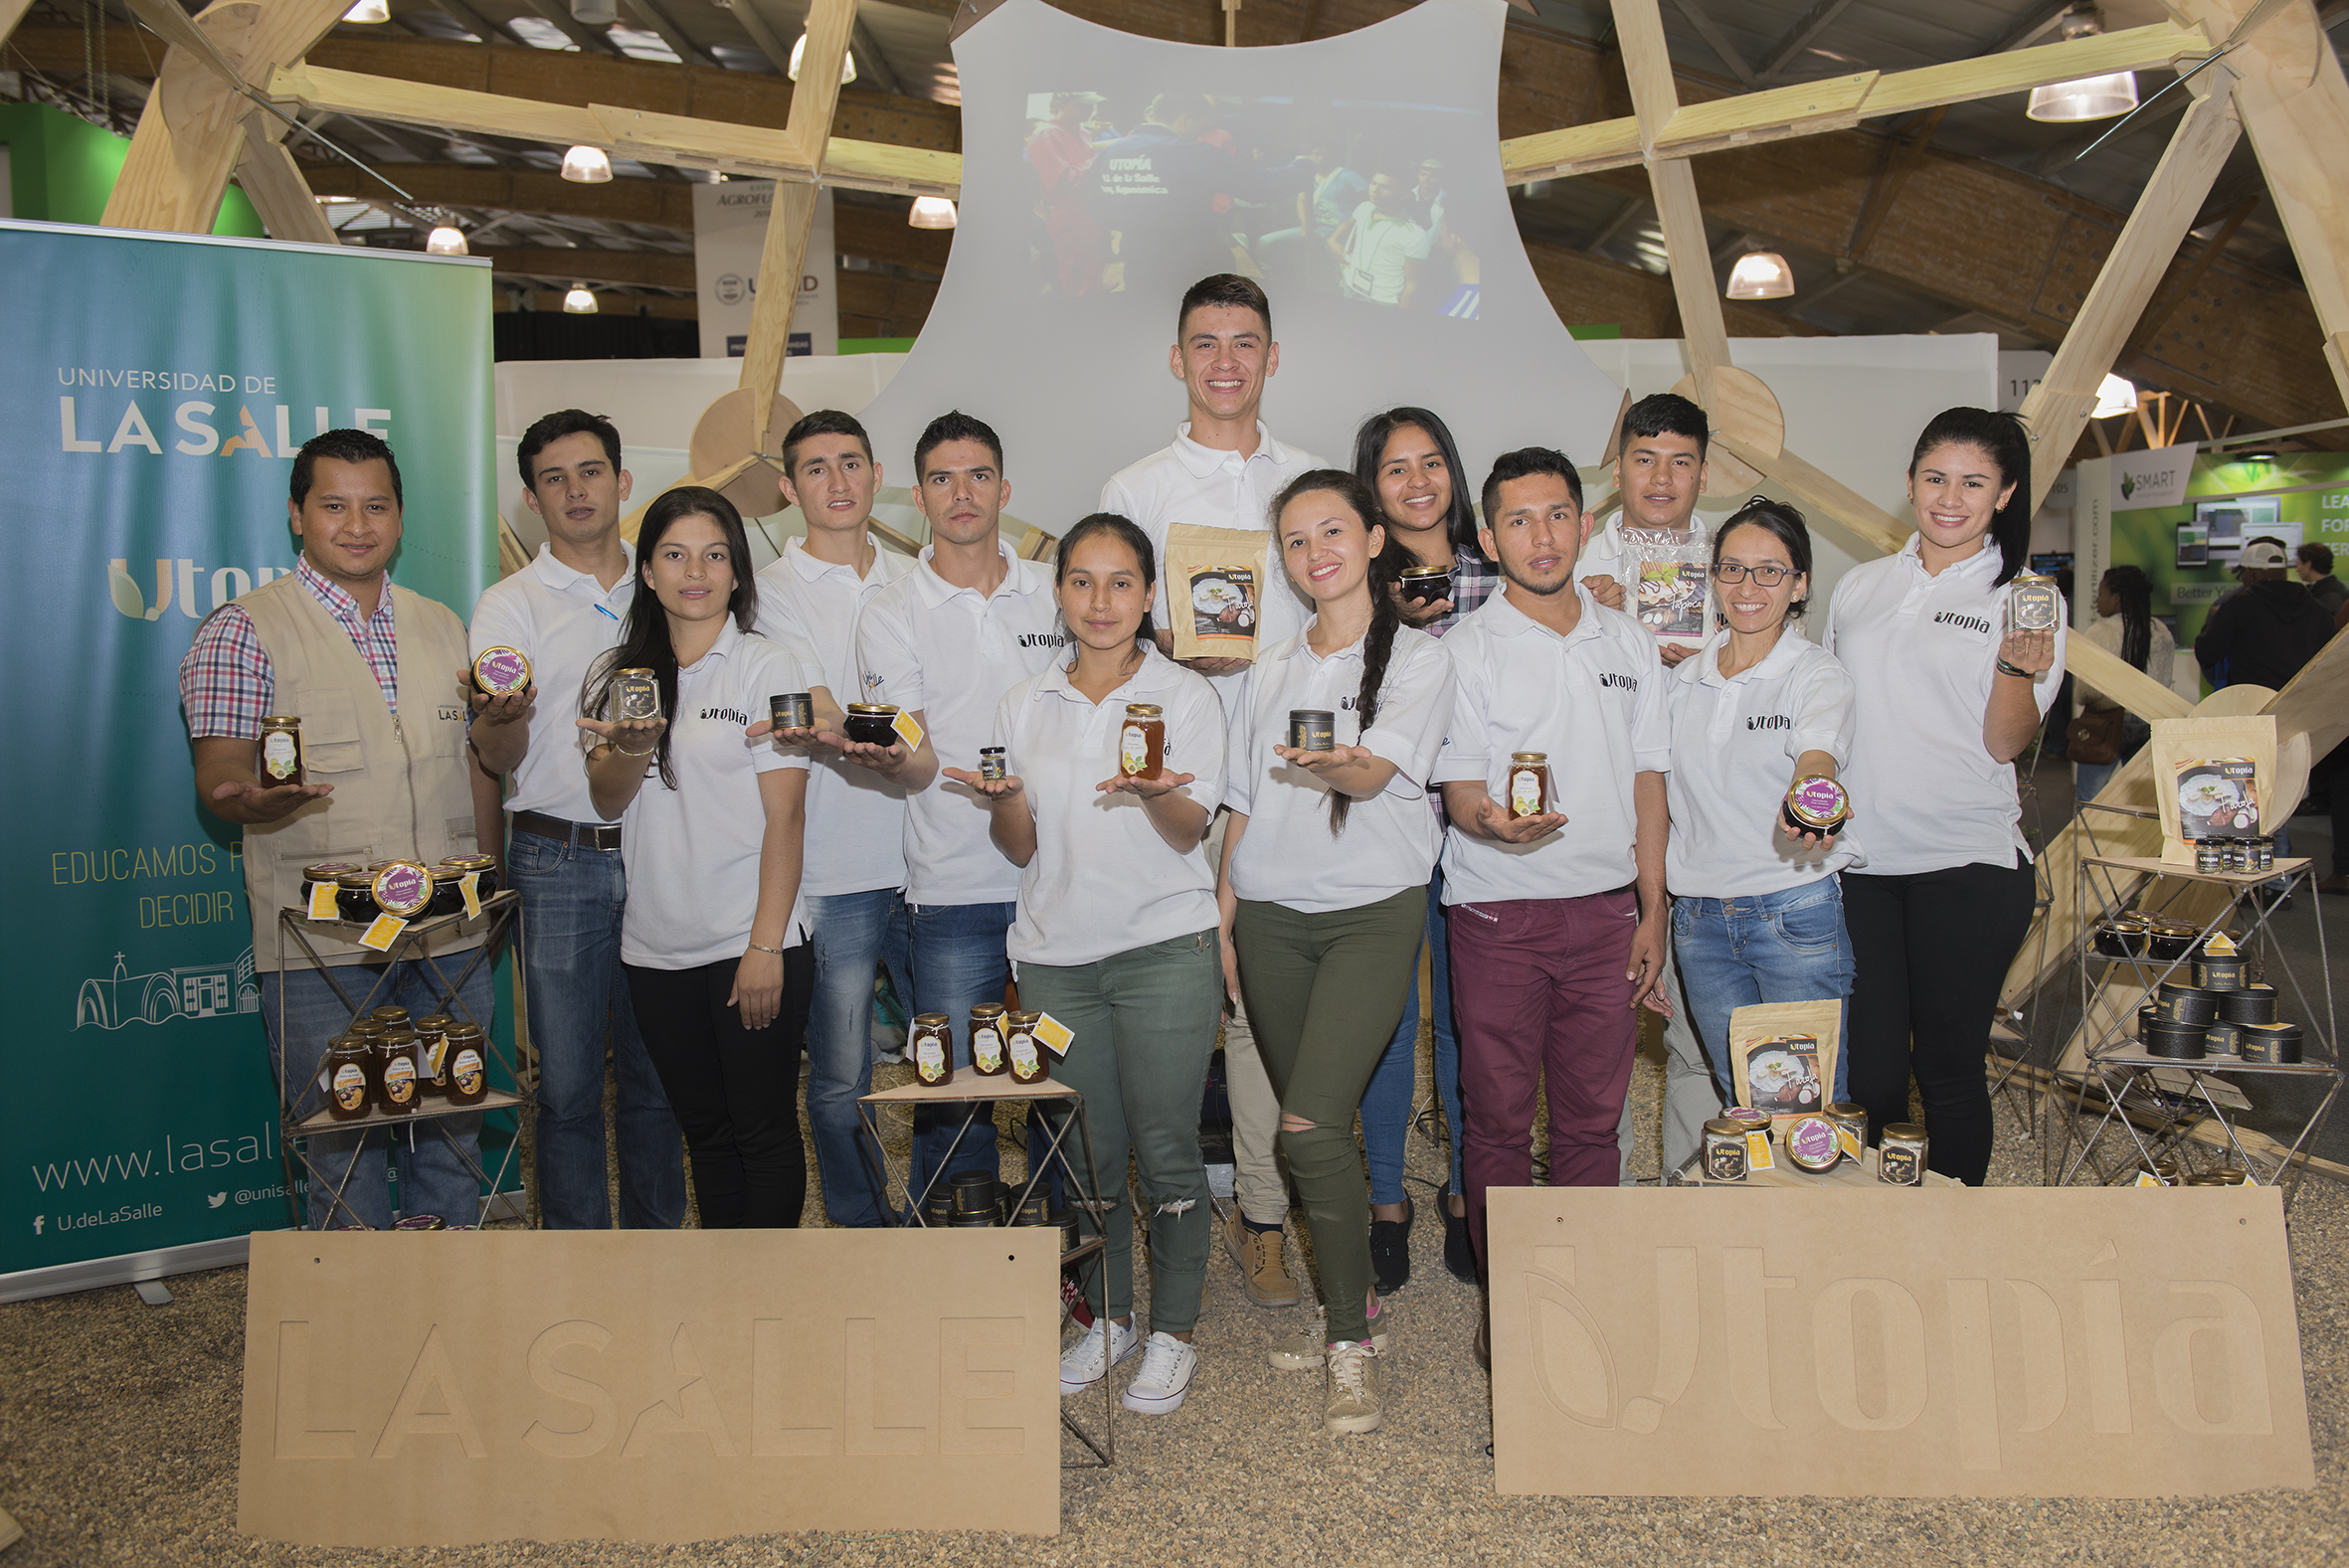 Vino de banano gran novedad de feria agroindustrial en Utopia en Yopal